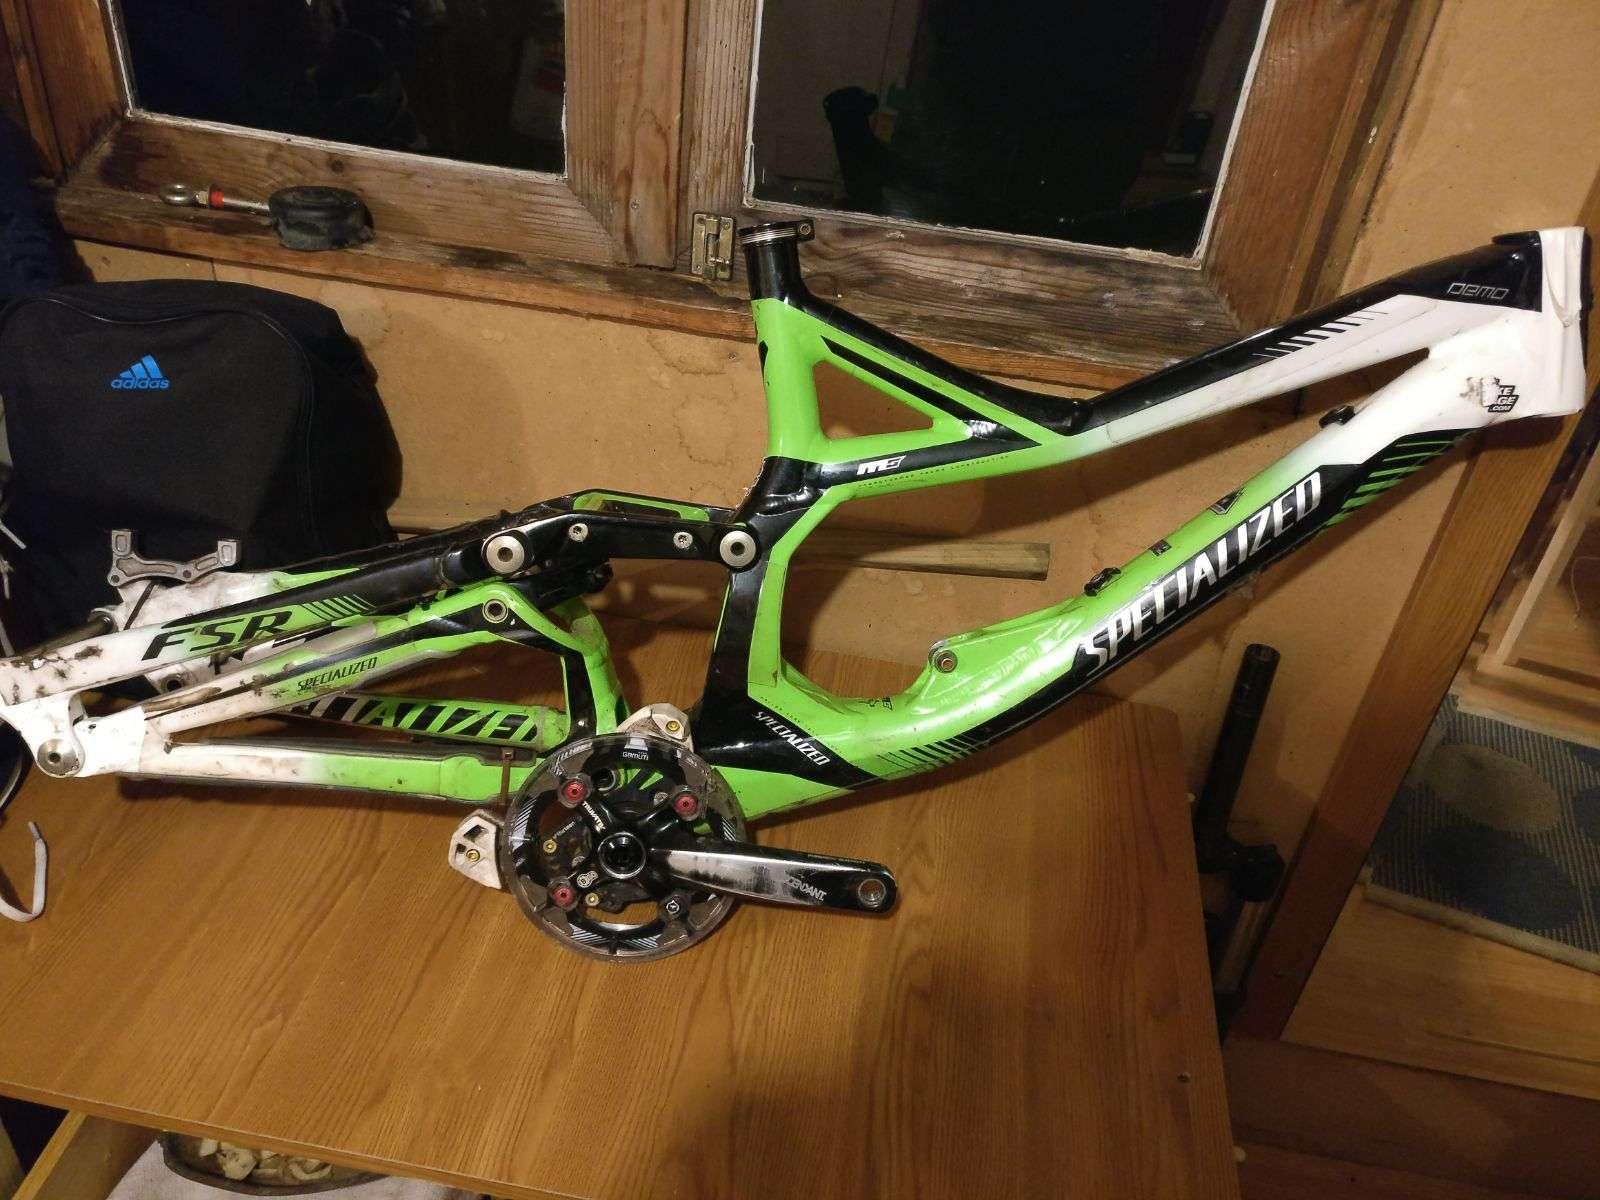 38139975adb Un amigo vende su cuadro Specialized Demo 8 (2012) comprada a principios de  2013. Tiene los papeles, esta en perfecto estado, las tipicas marcasde una  bici ...